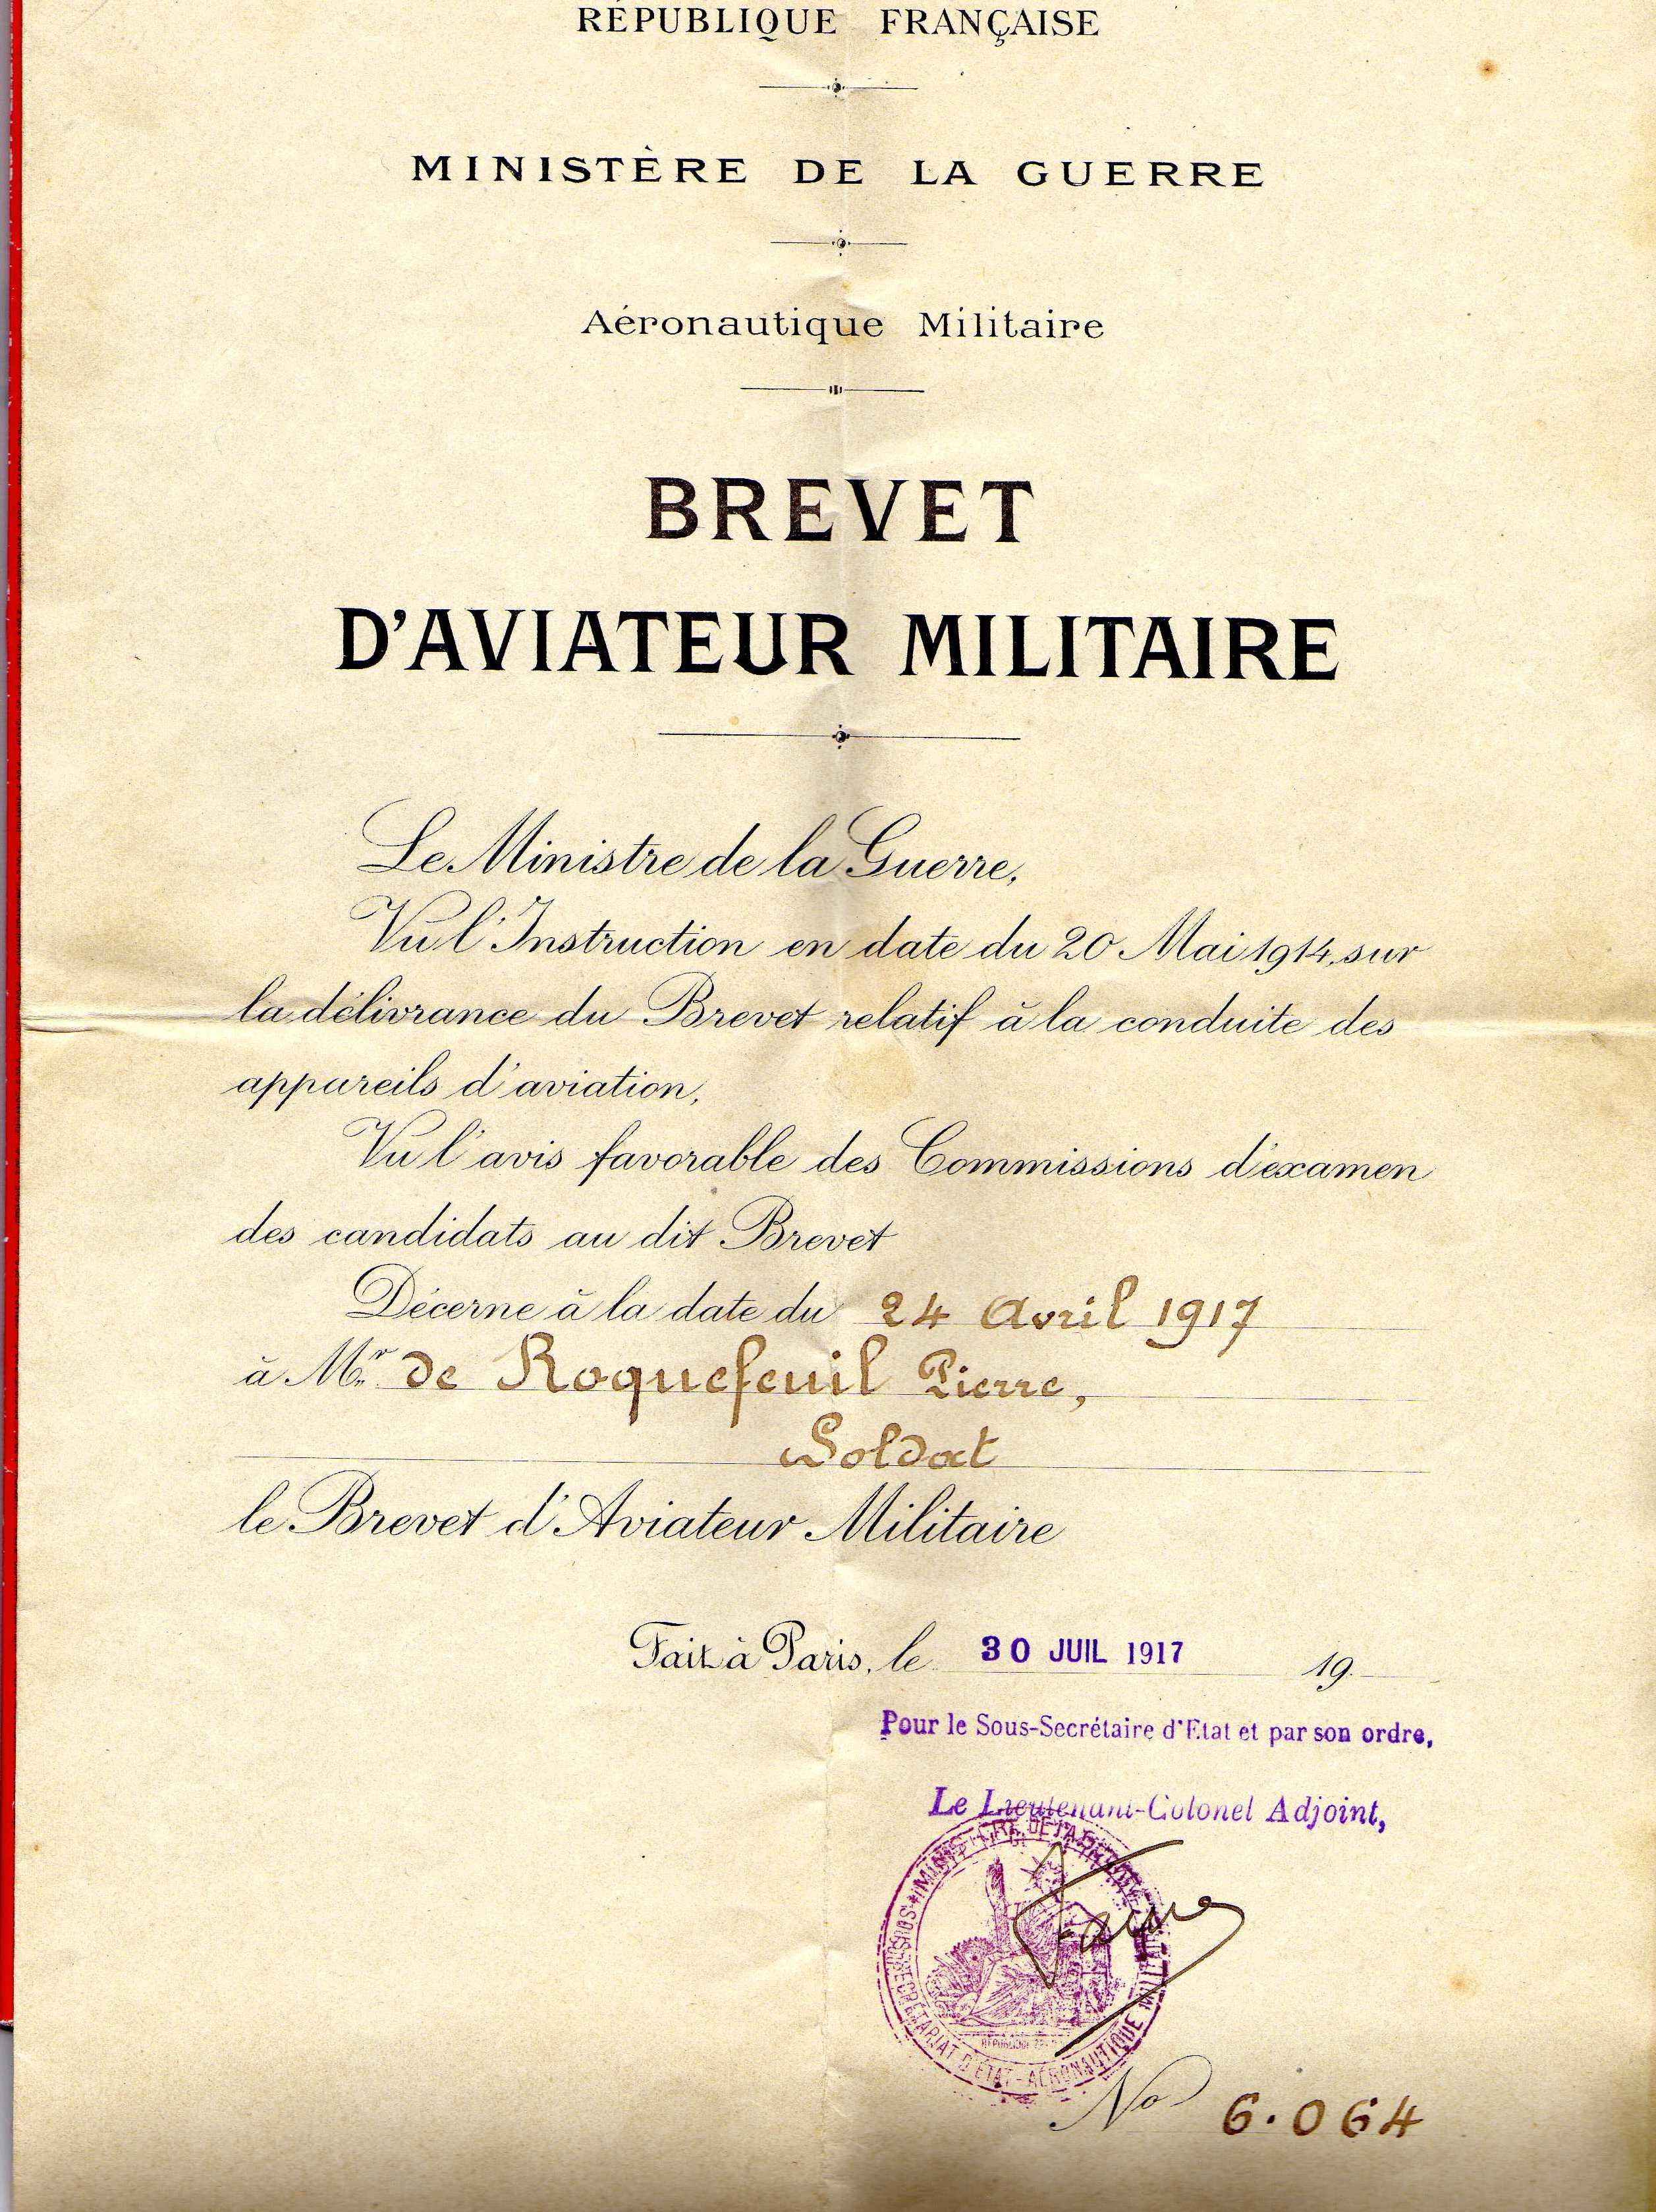 Brevet de Pierre de Roquefeuil, pilote de Spad